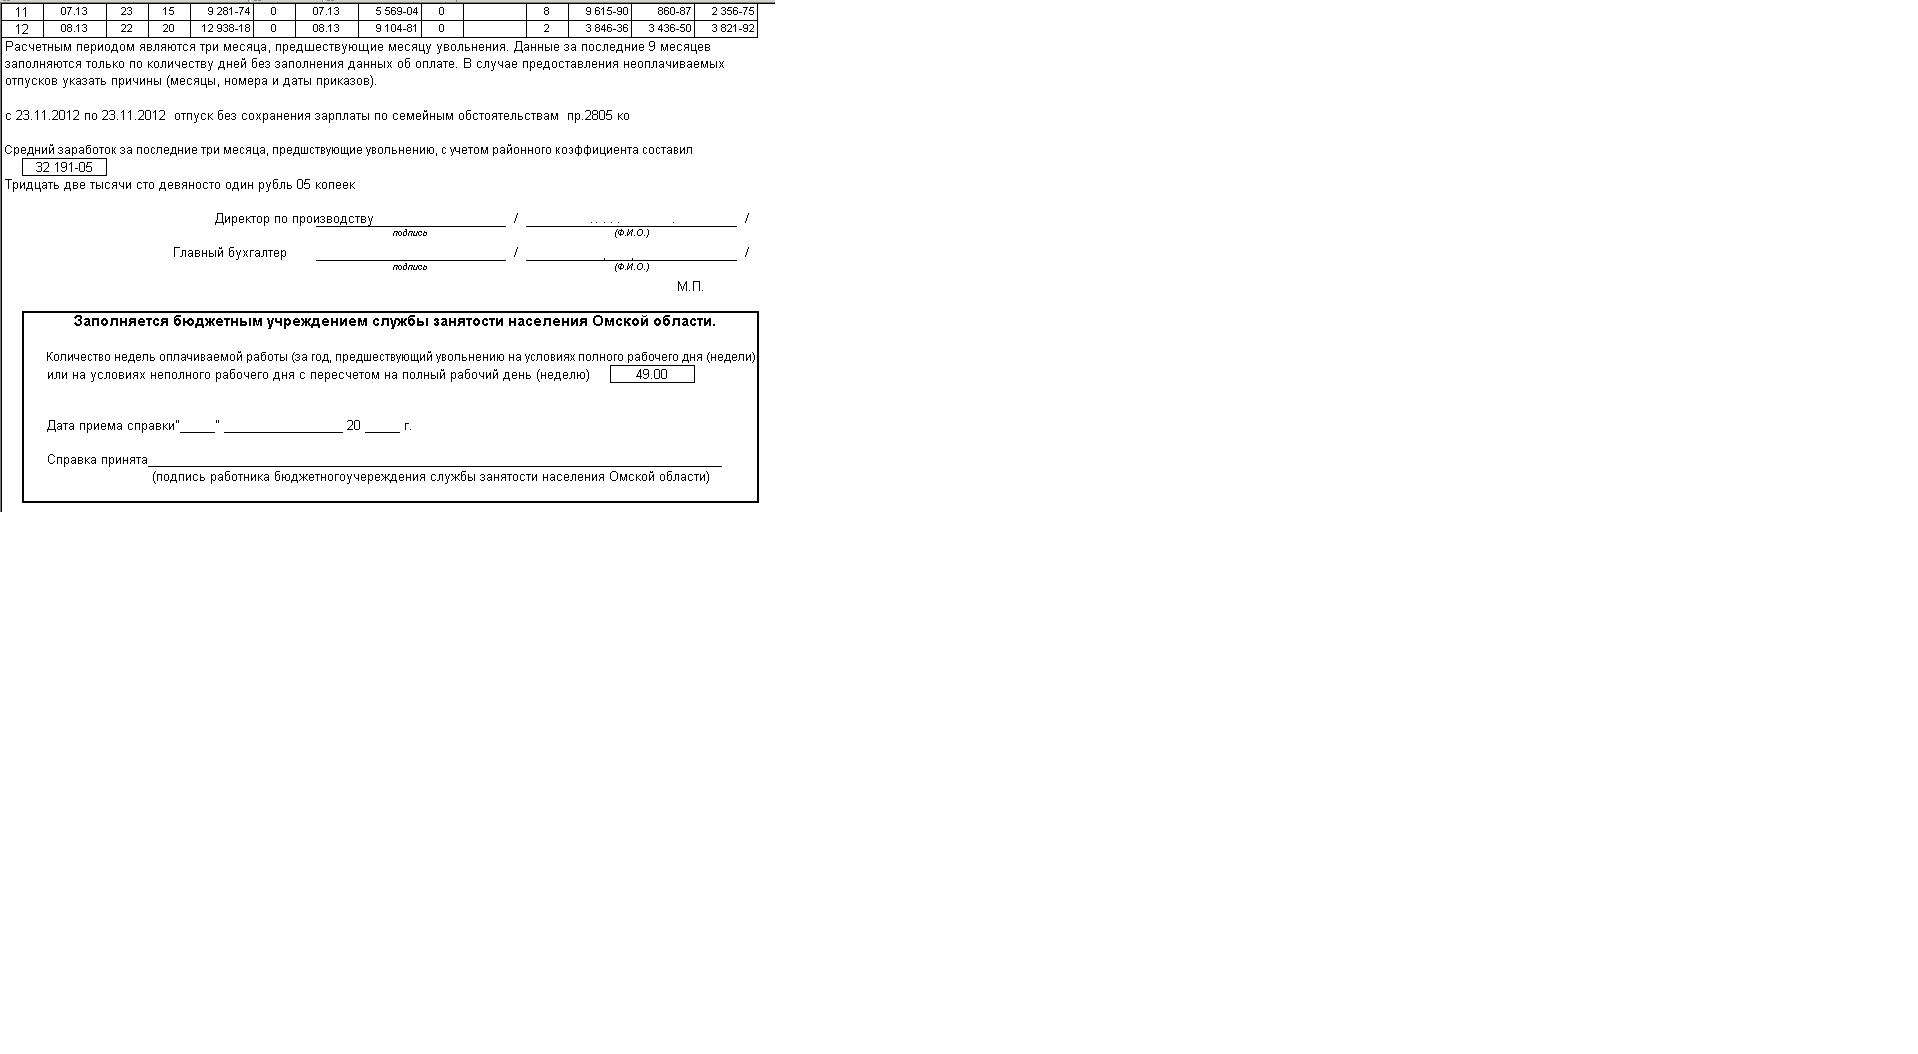 бланк командировочное удостоверение 2012